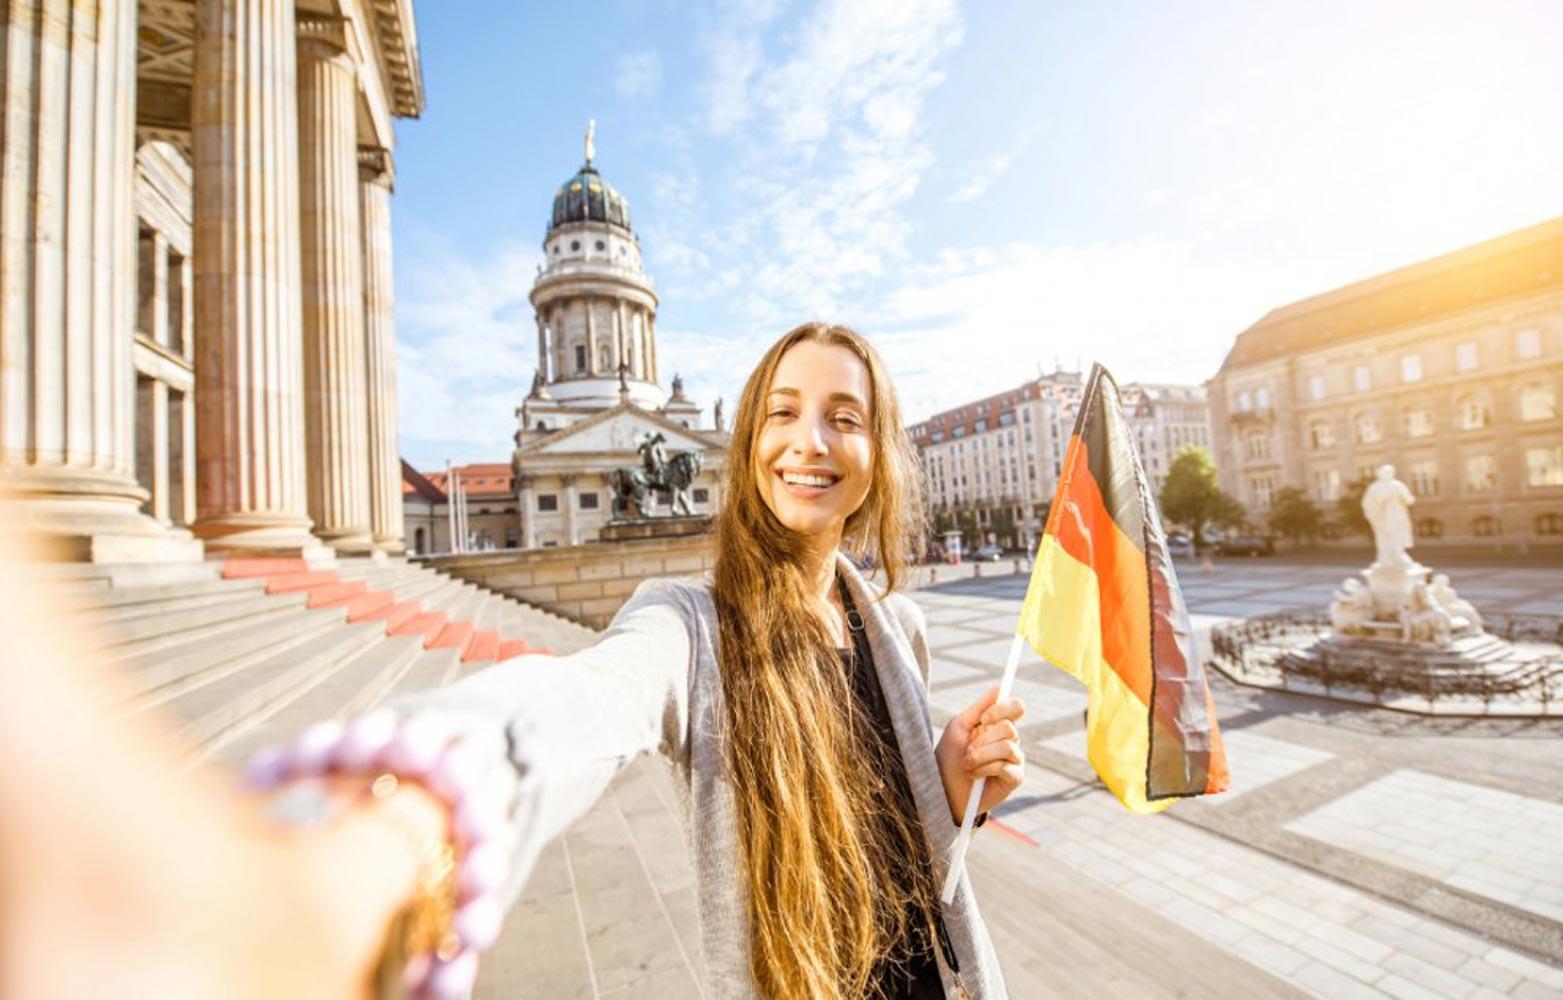 آشنایی با آداب و رسوم آلمانی ها